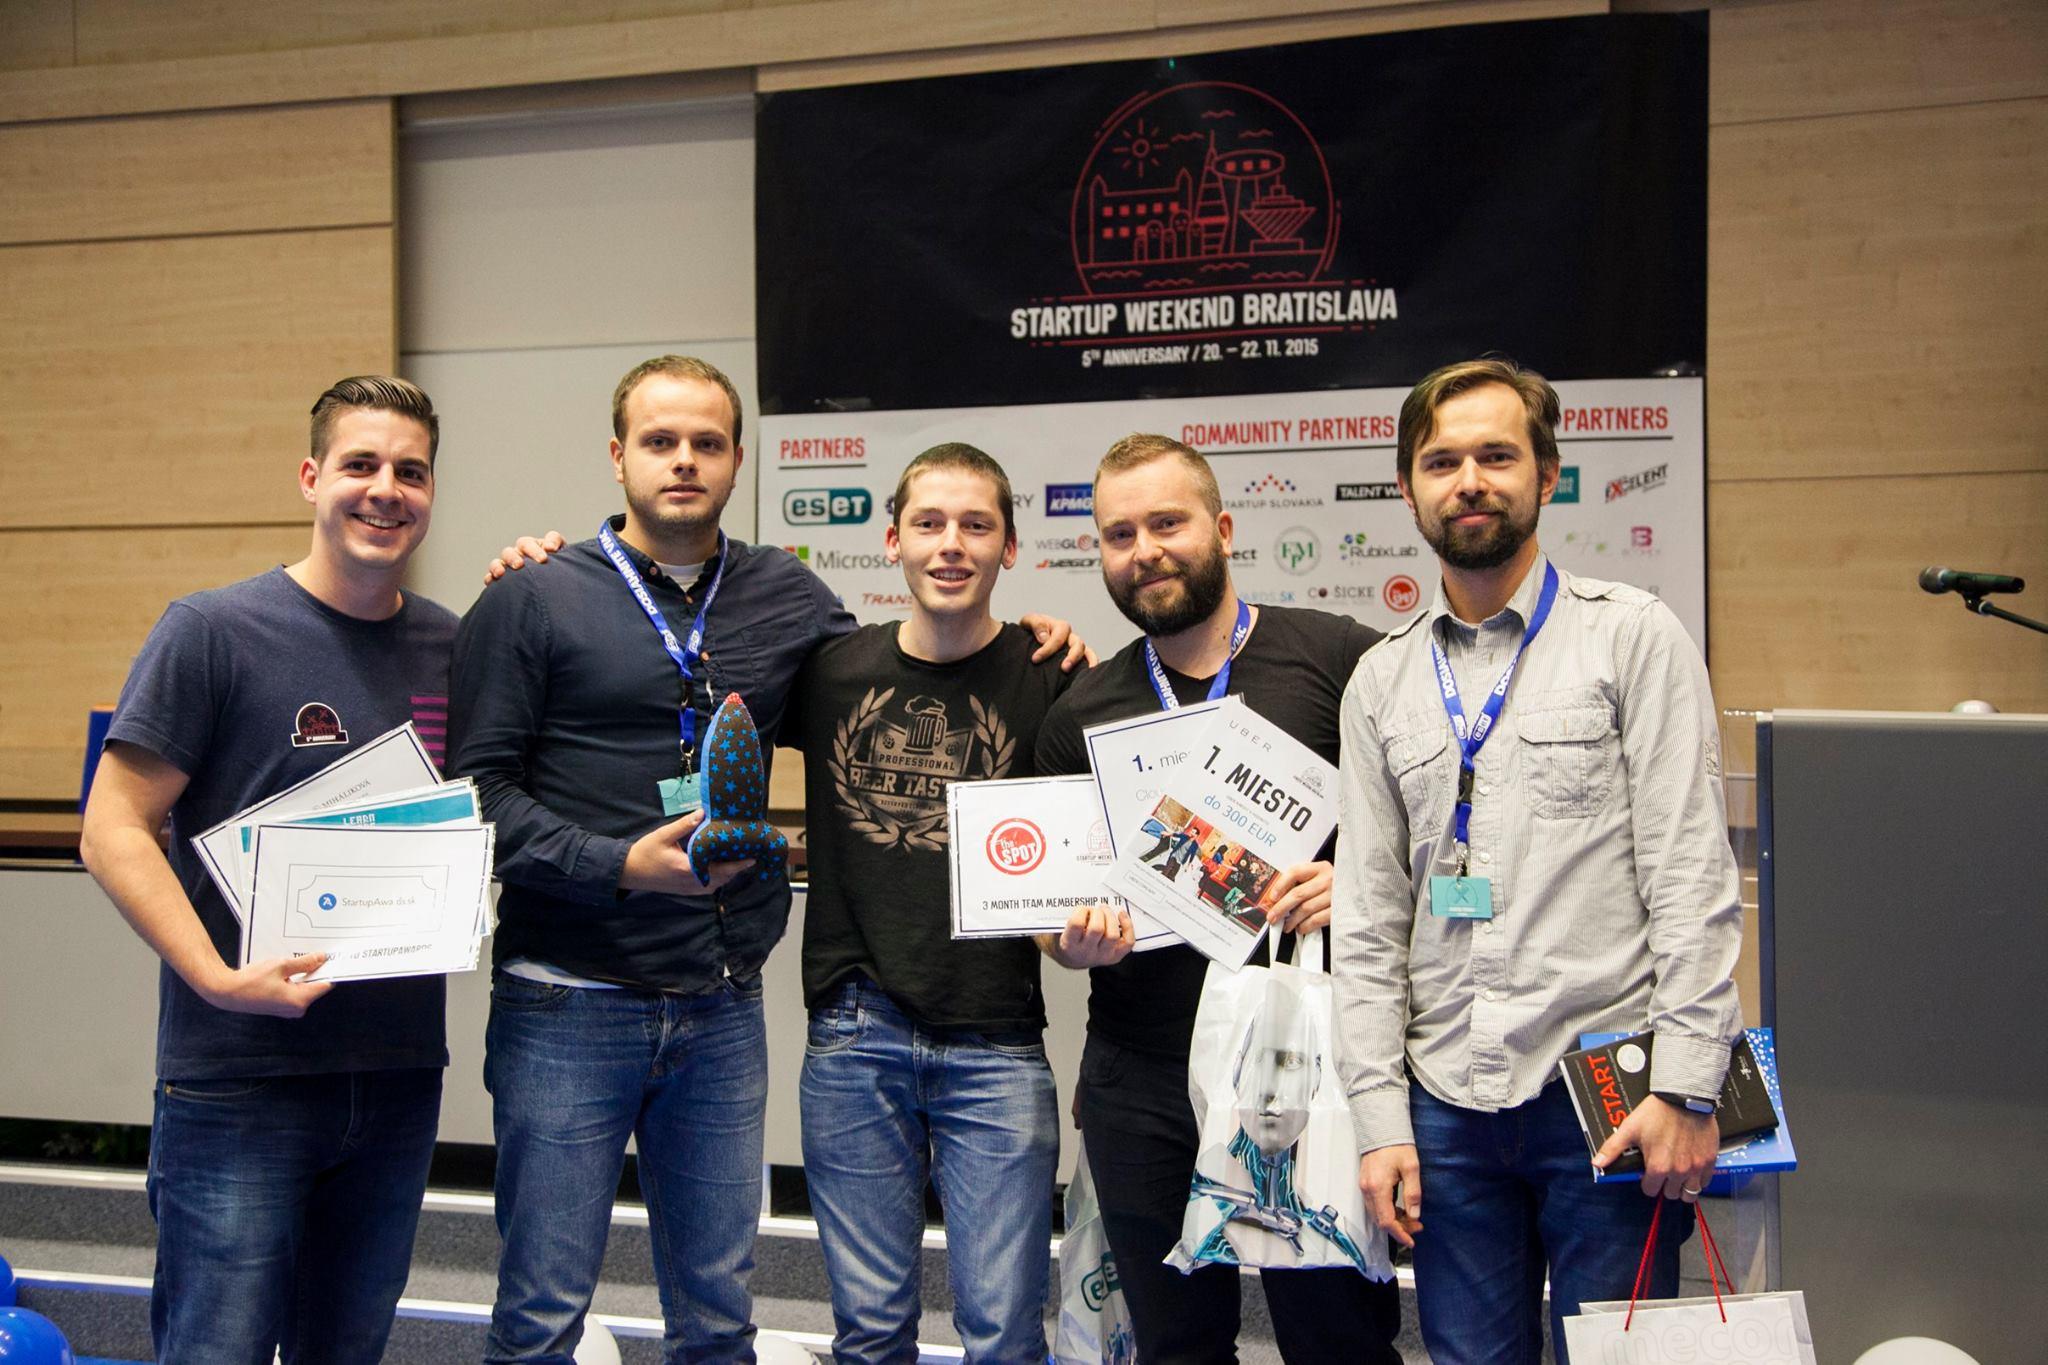 Víťazný tím na Startup Weekende v Bratislave, 2015 (Martin v strede)